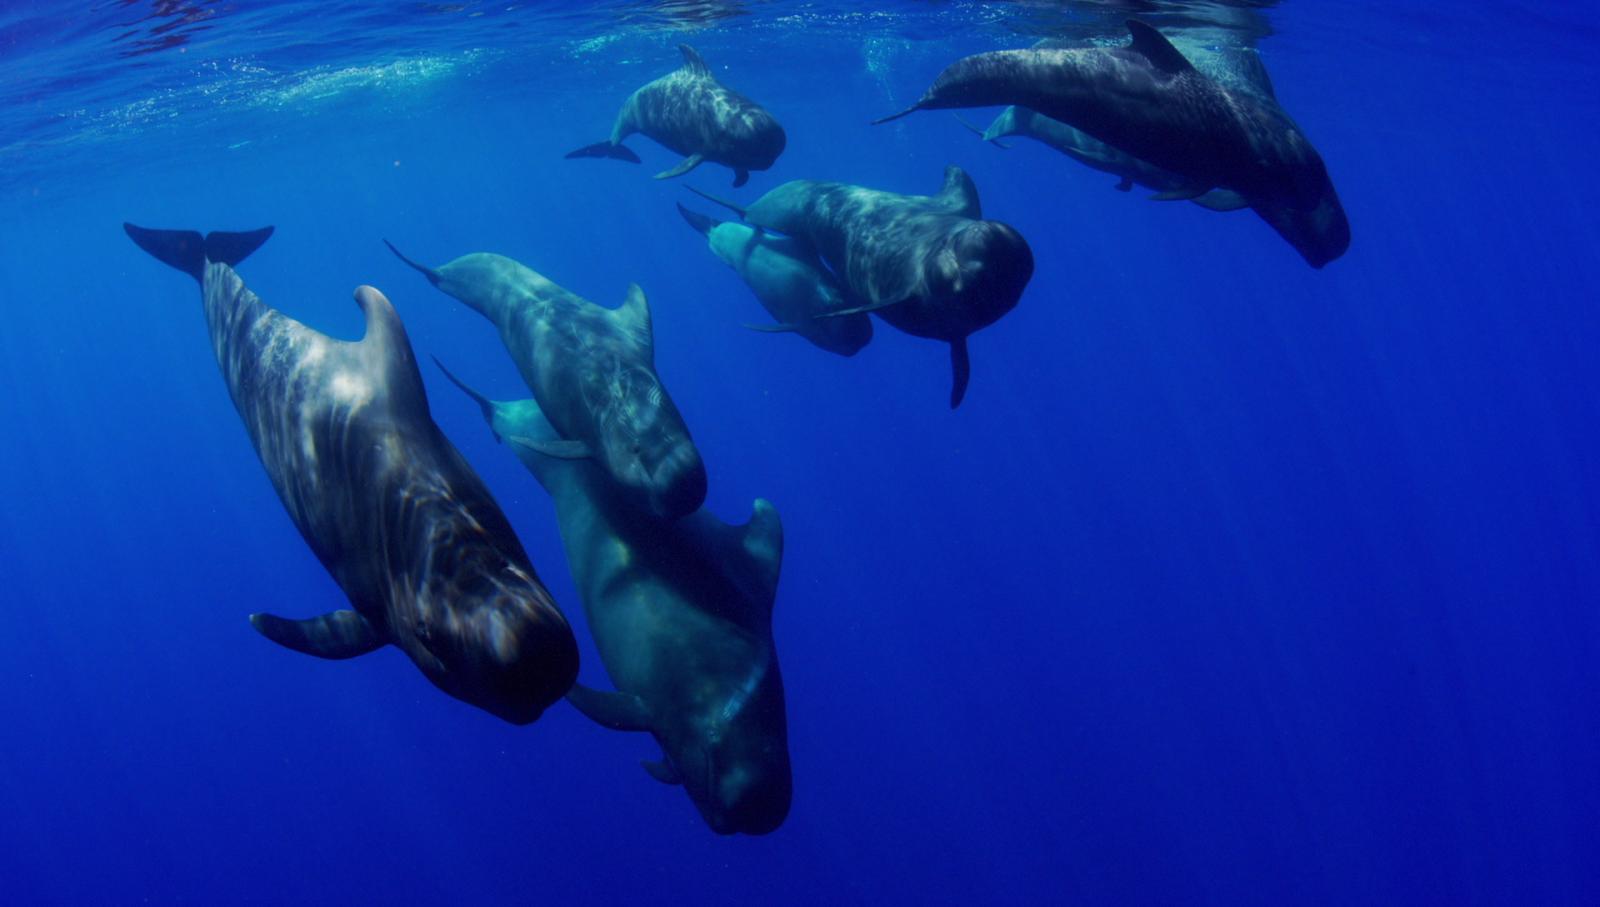 ชีวิตใต้สมุทร....Life in the blue